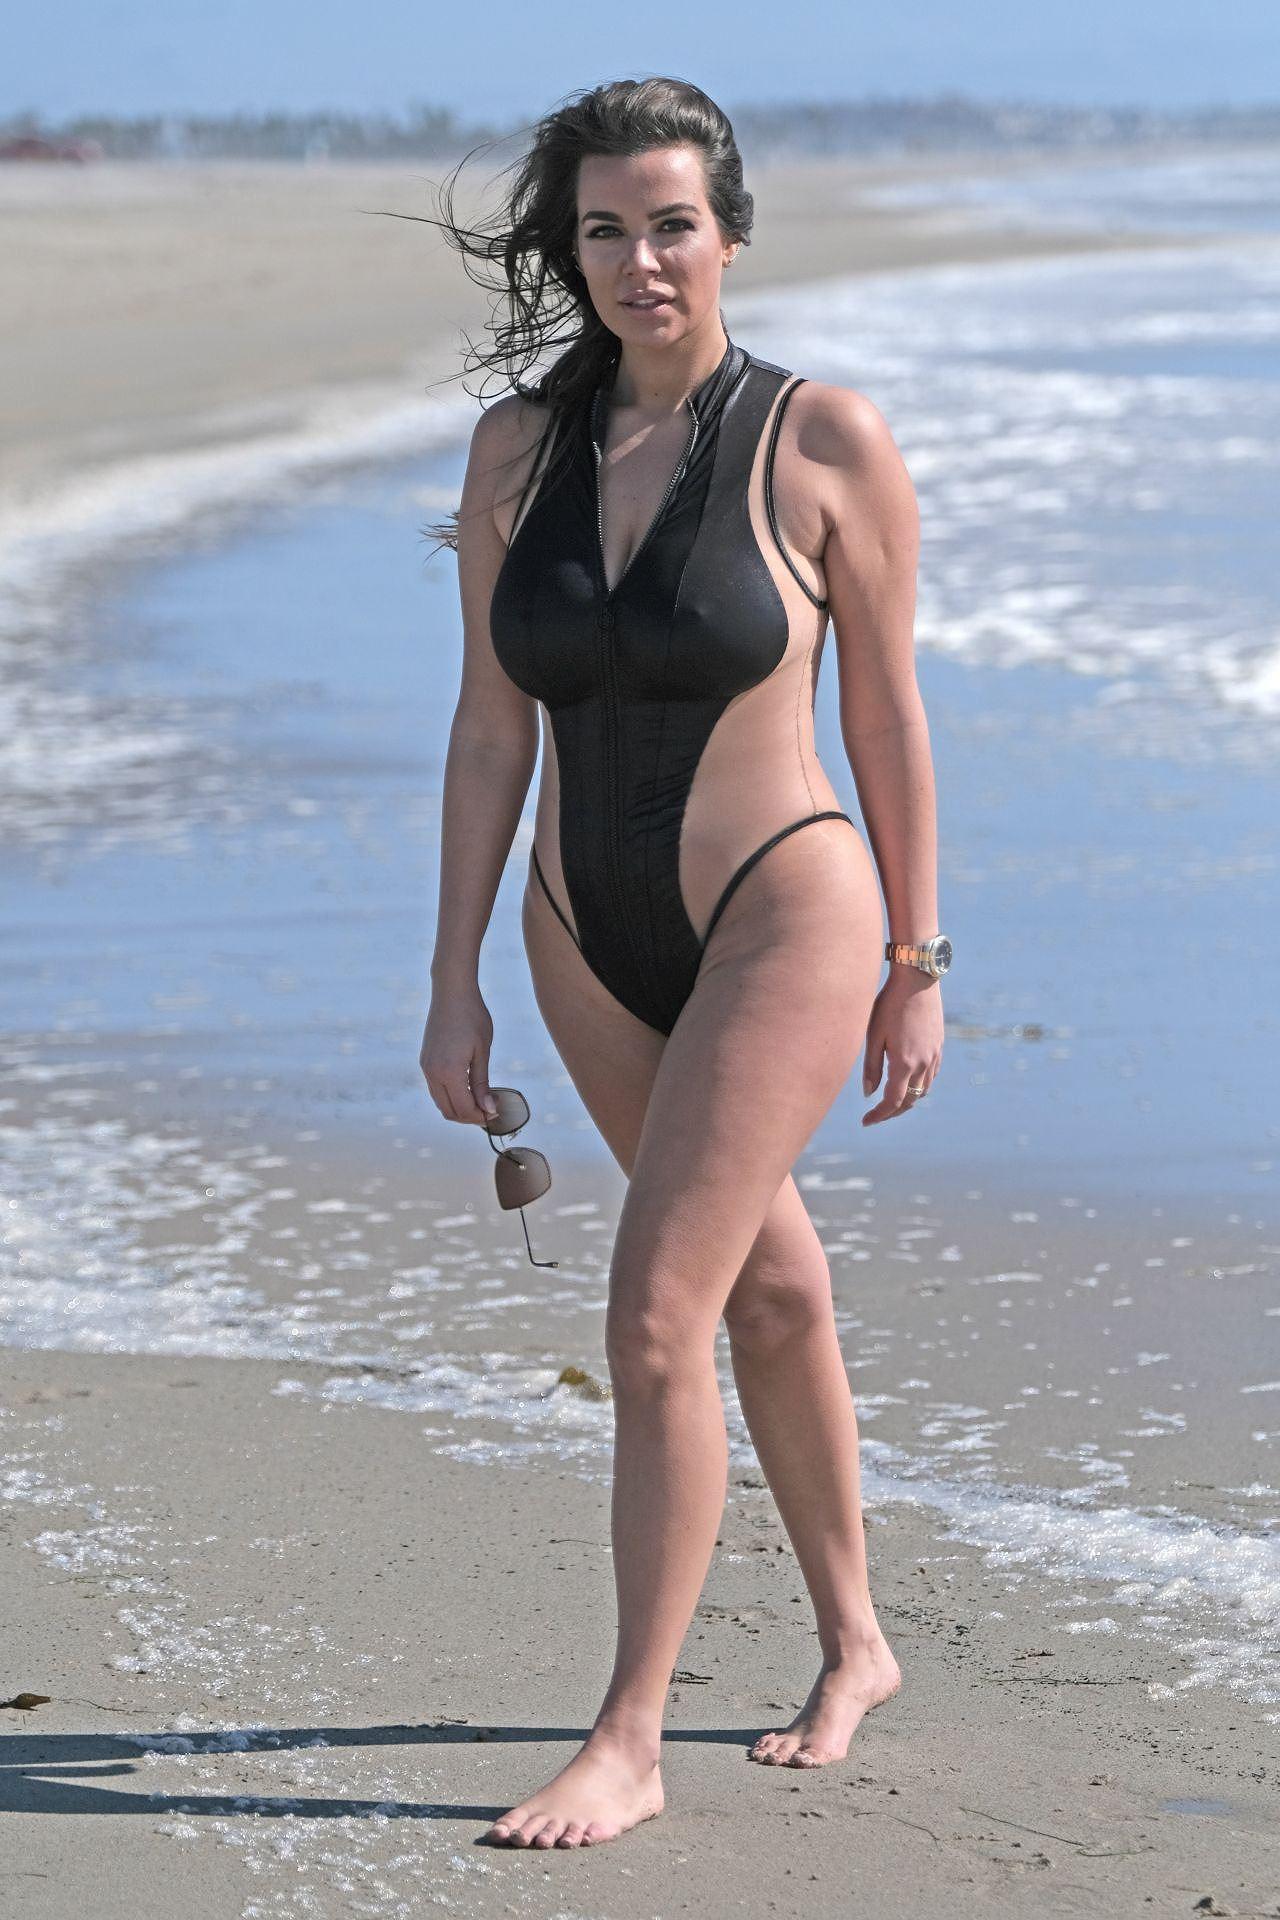 Người mẫu ngoại cỡ Ý khoe dáng phồn thực, nóng 'bỏng mắt' với áo tắm Ảnh 10